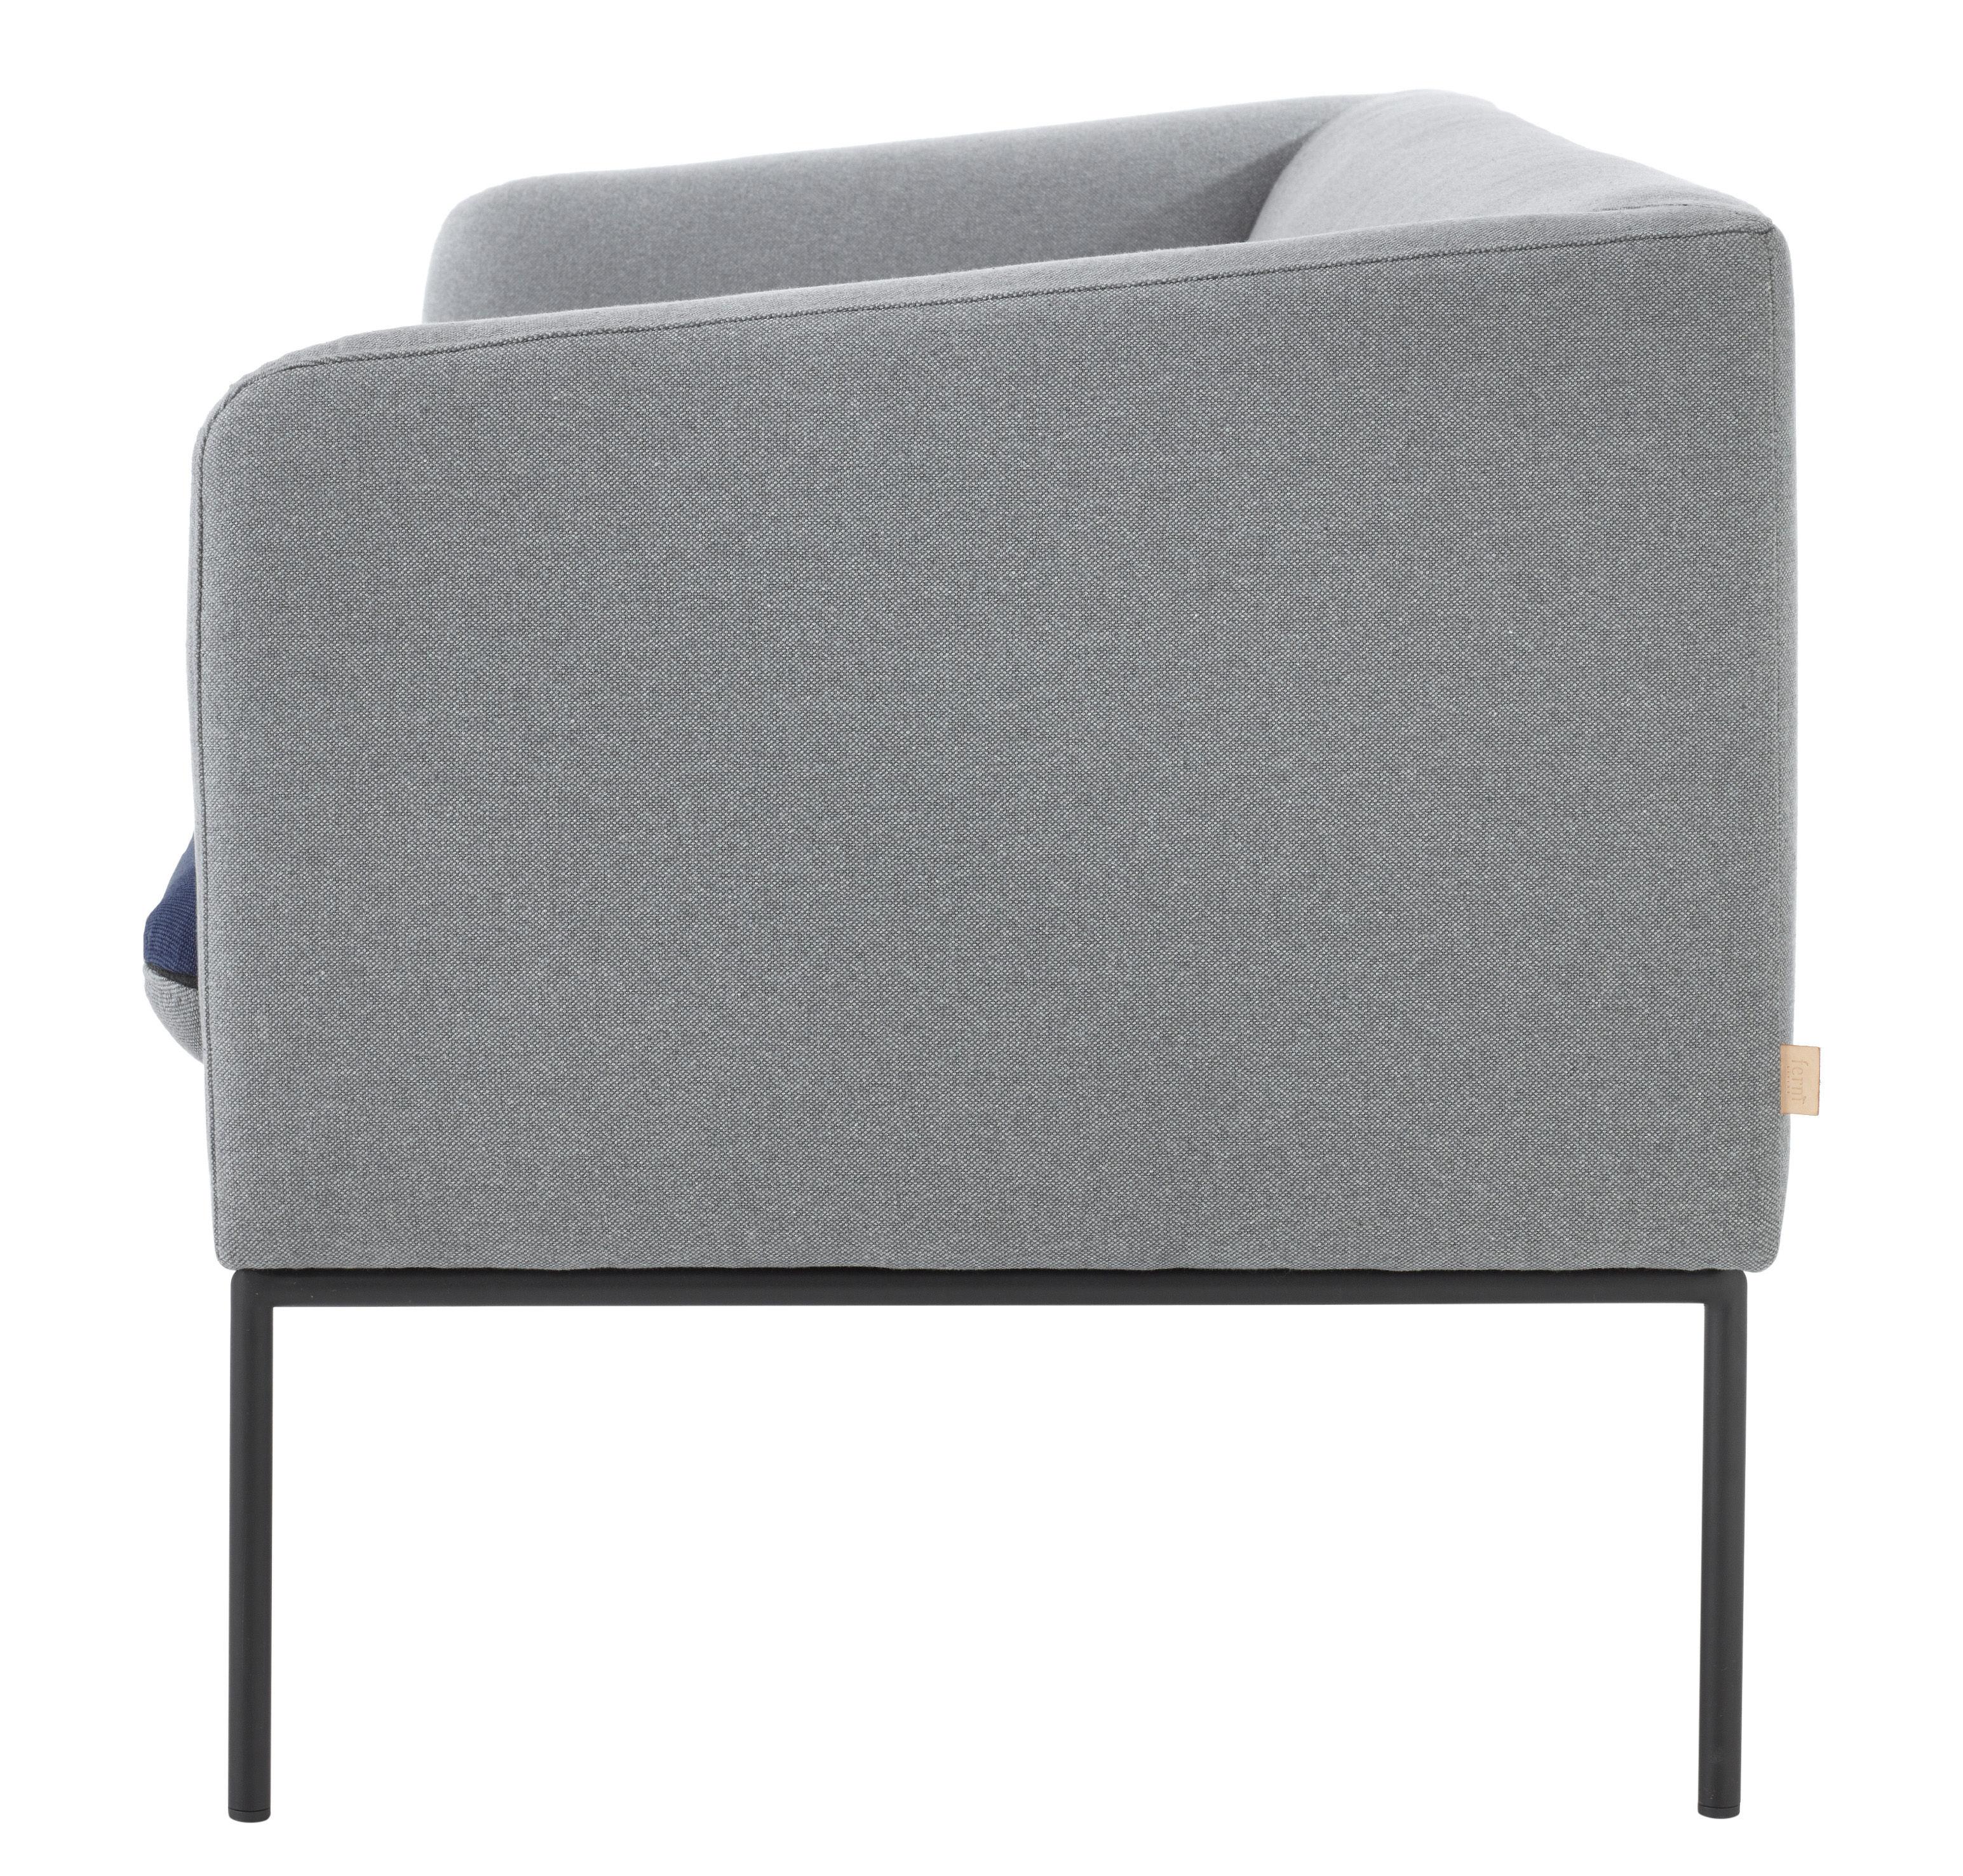 canap droit turn l 160 cm 2 places gris clair bleu. Black Bedroom Furniture Sets. Home Design Ideas